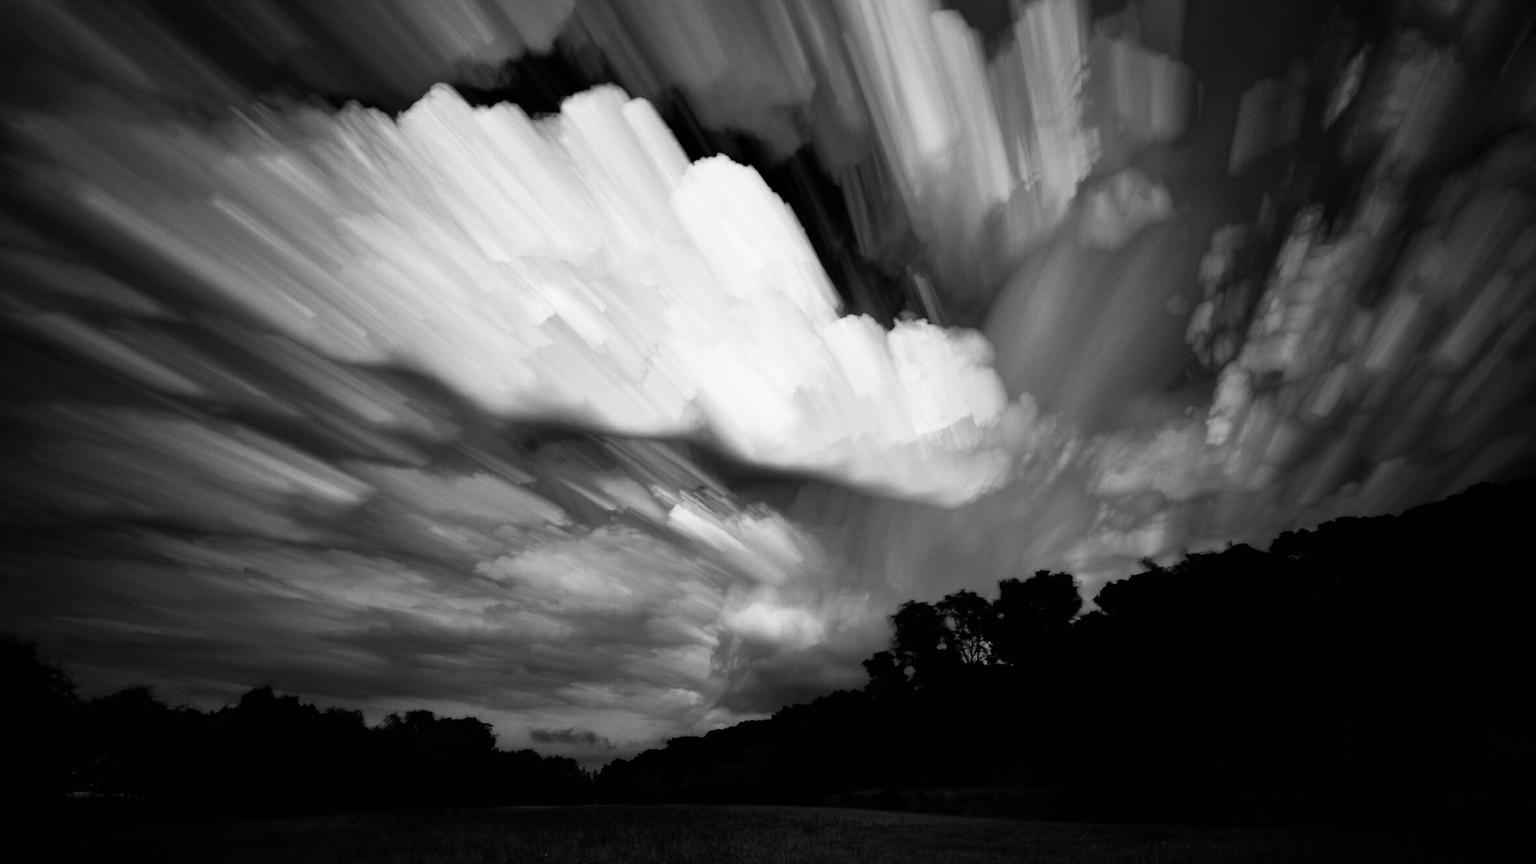 Black and white - Inspired by nature - foto door Sakaia op 15-04-2021 - deze foto bevat: wolk, lucht, atmosfeer, natuurlijk landschap, zwart, afdeling, zonlicht, zwart en wit, boom, vegetatie